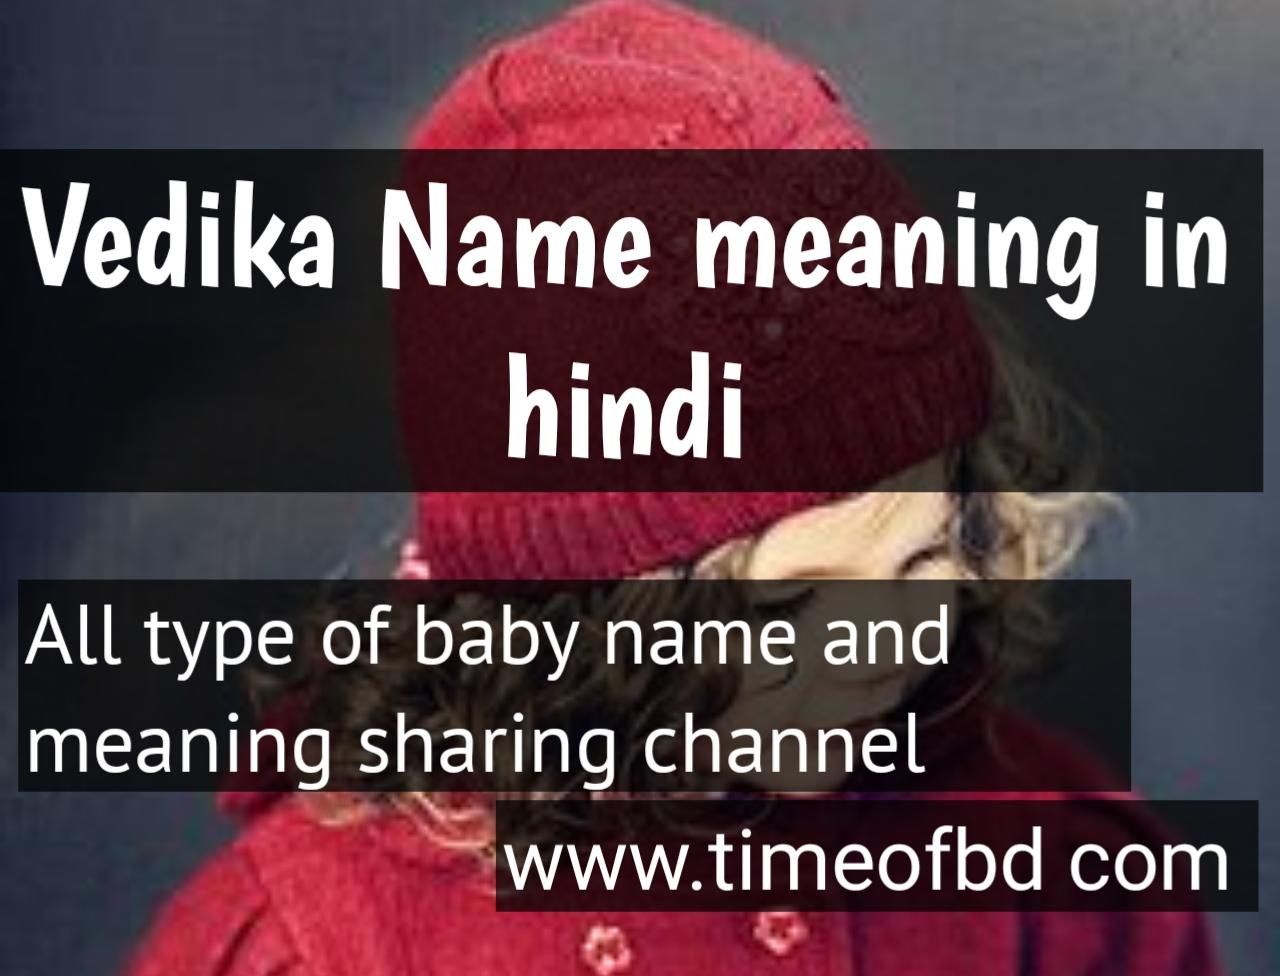 vedika  name meaning in hindi, vedika ka meaning ,vedika meaning in hindi dictioanry,meaning of vedika in hindi